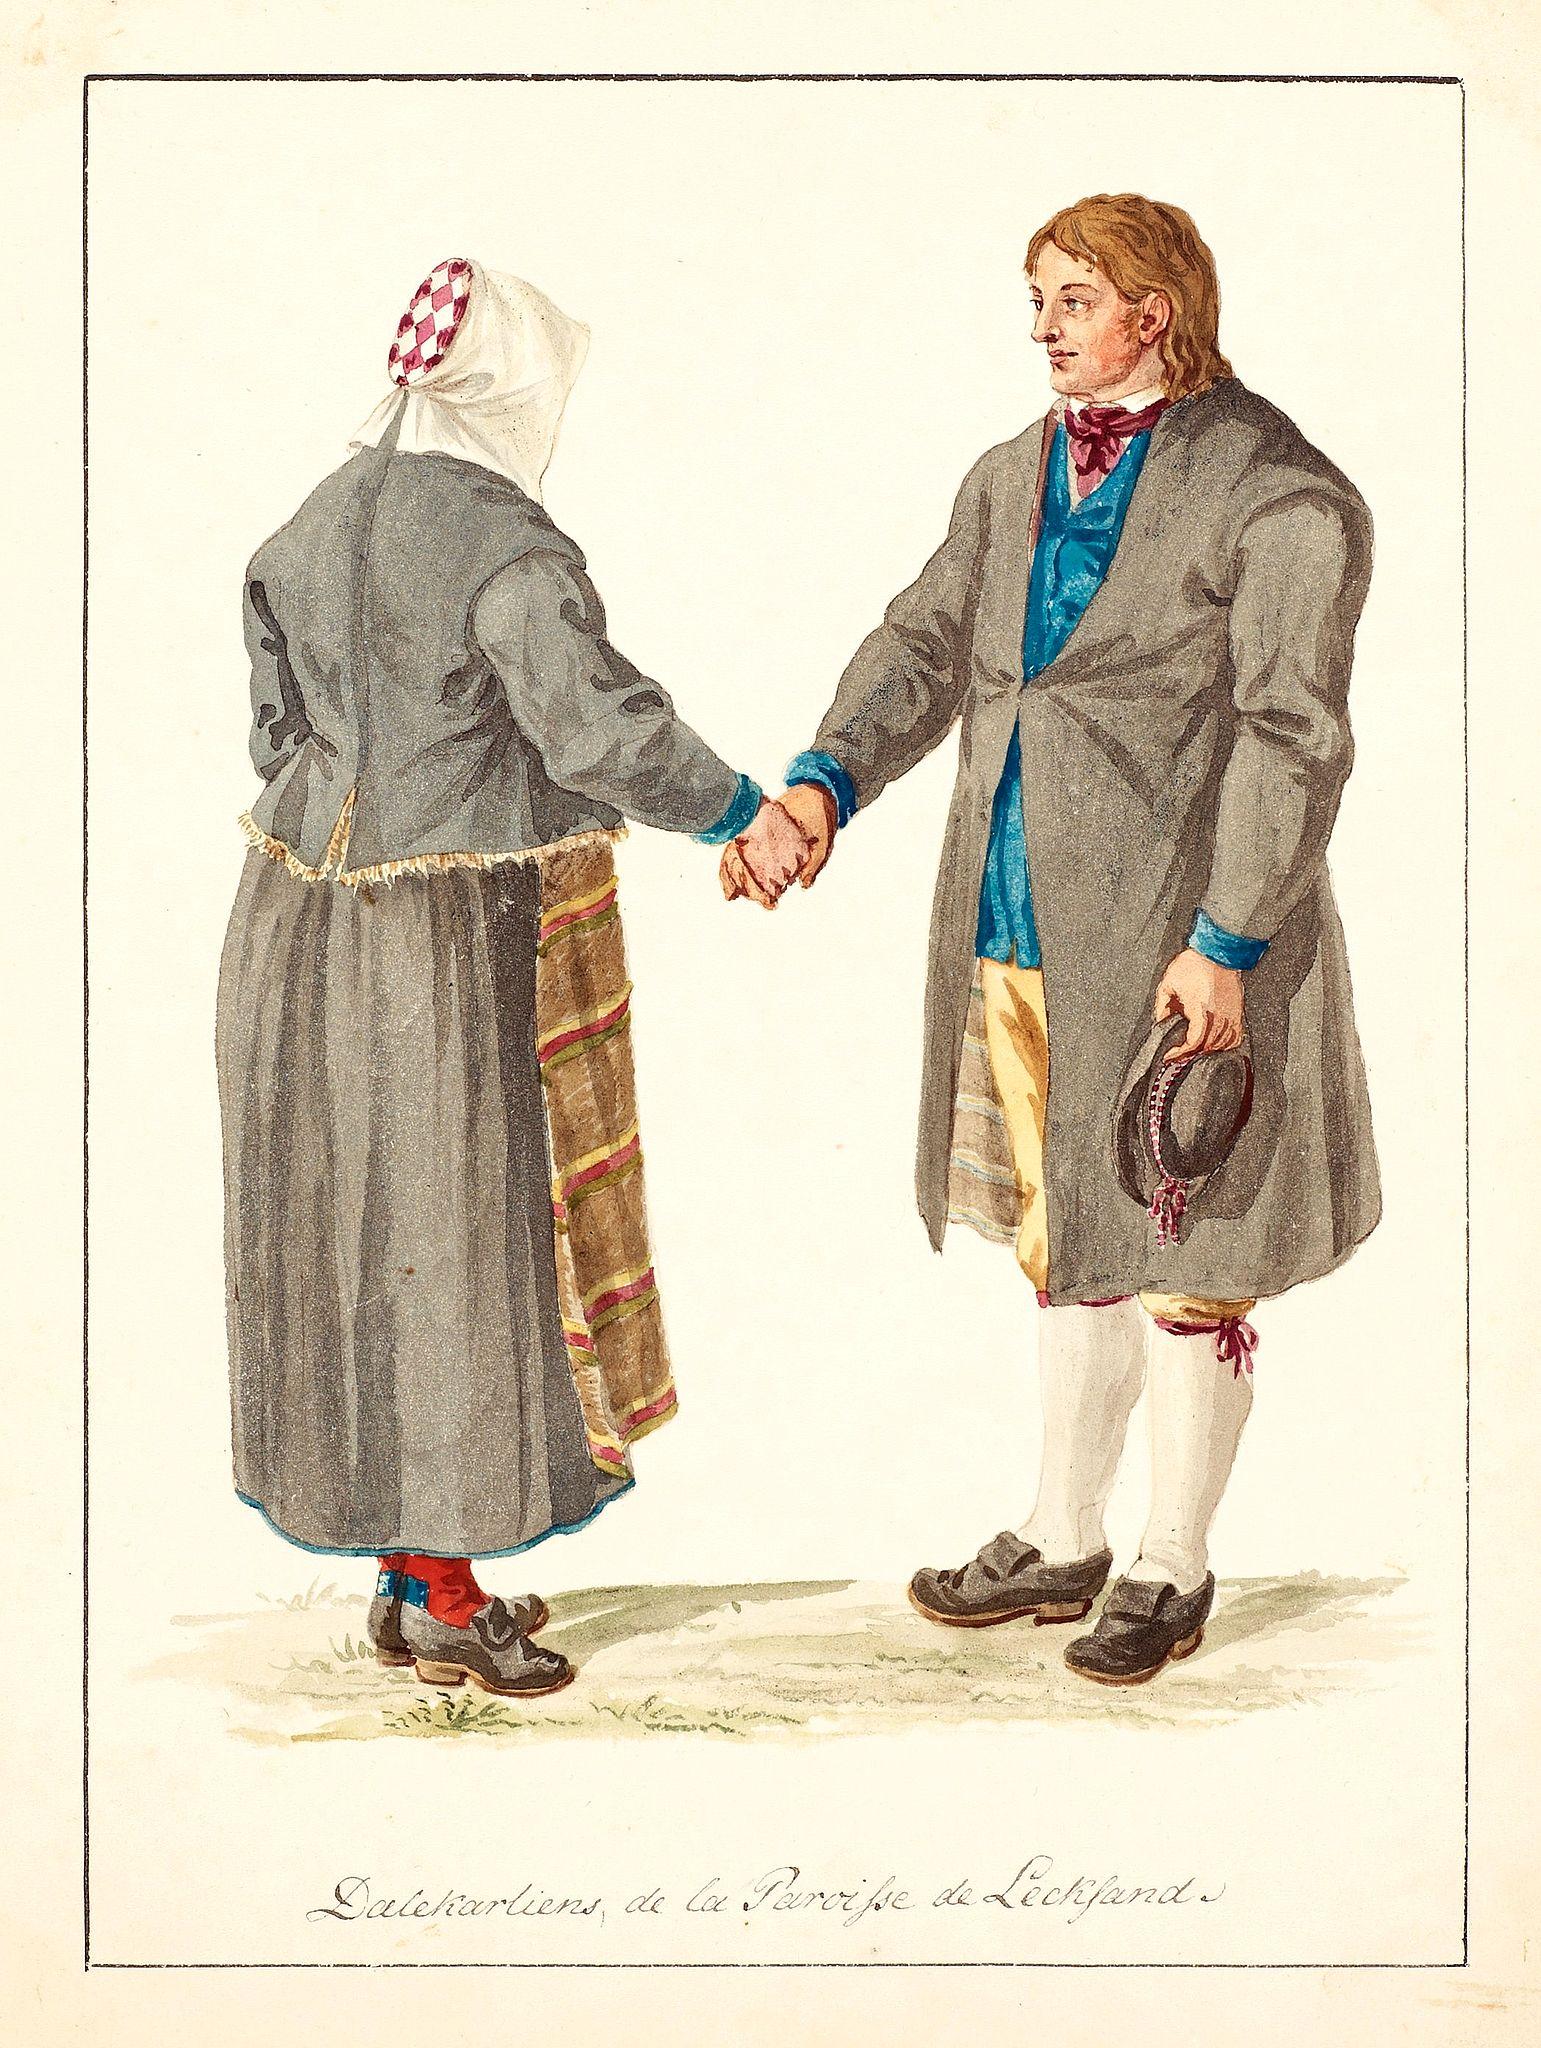 SWEDMAN, C.W. attributed to -  Dalekarliens de la Paroisse de Leckland.